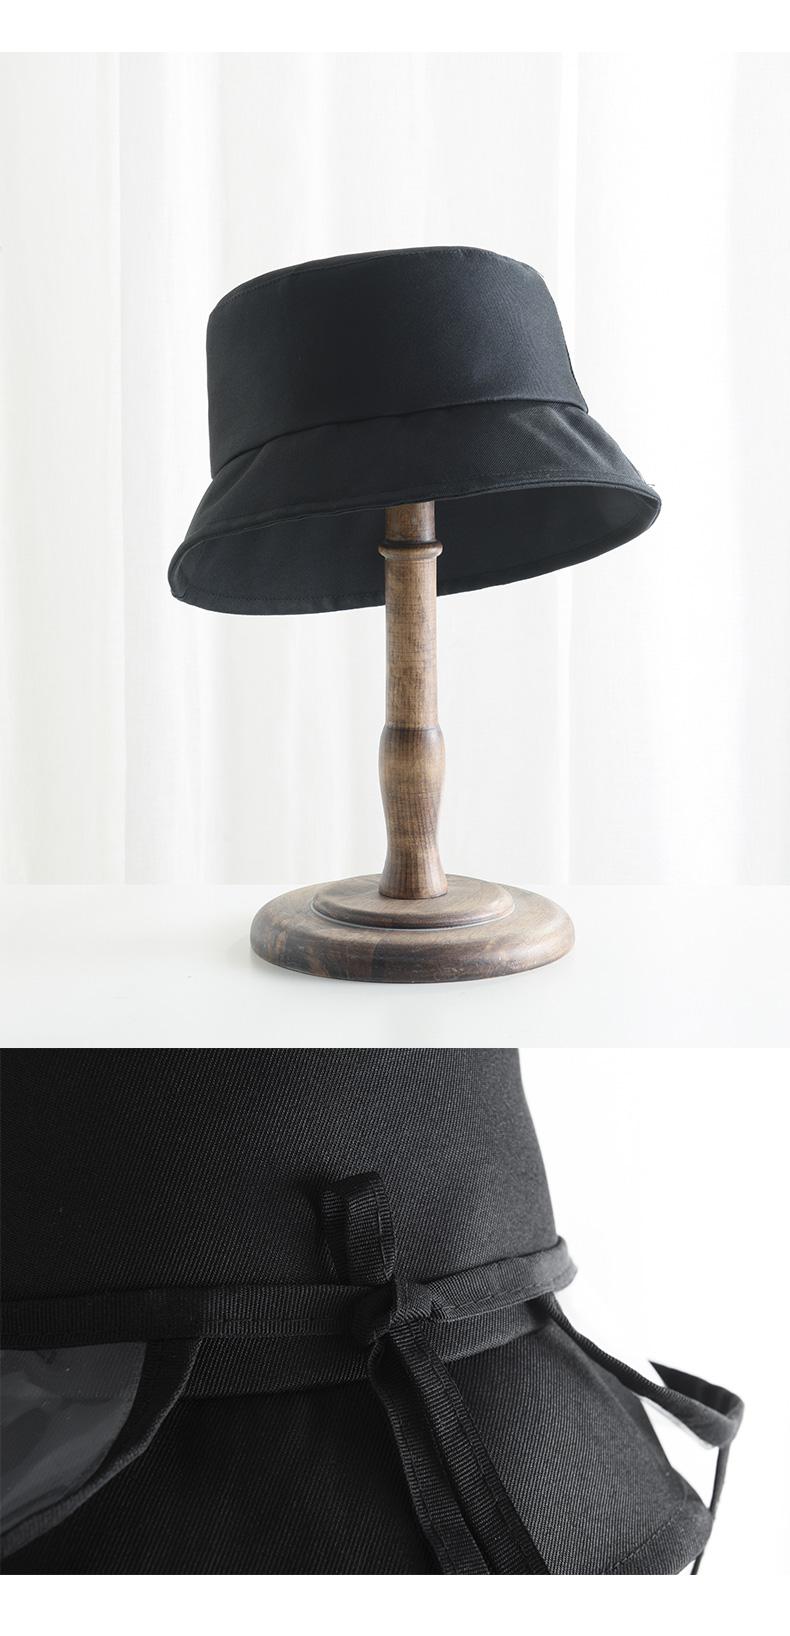 防疫商品 可拆卸防飛沫漁夫帽 防疫 防飛沫紫外線遮陽帽 遮陽帽 創意商品 帽子 防曬 遮陽 夏天必備 防疫隔離罩 防護帽